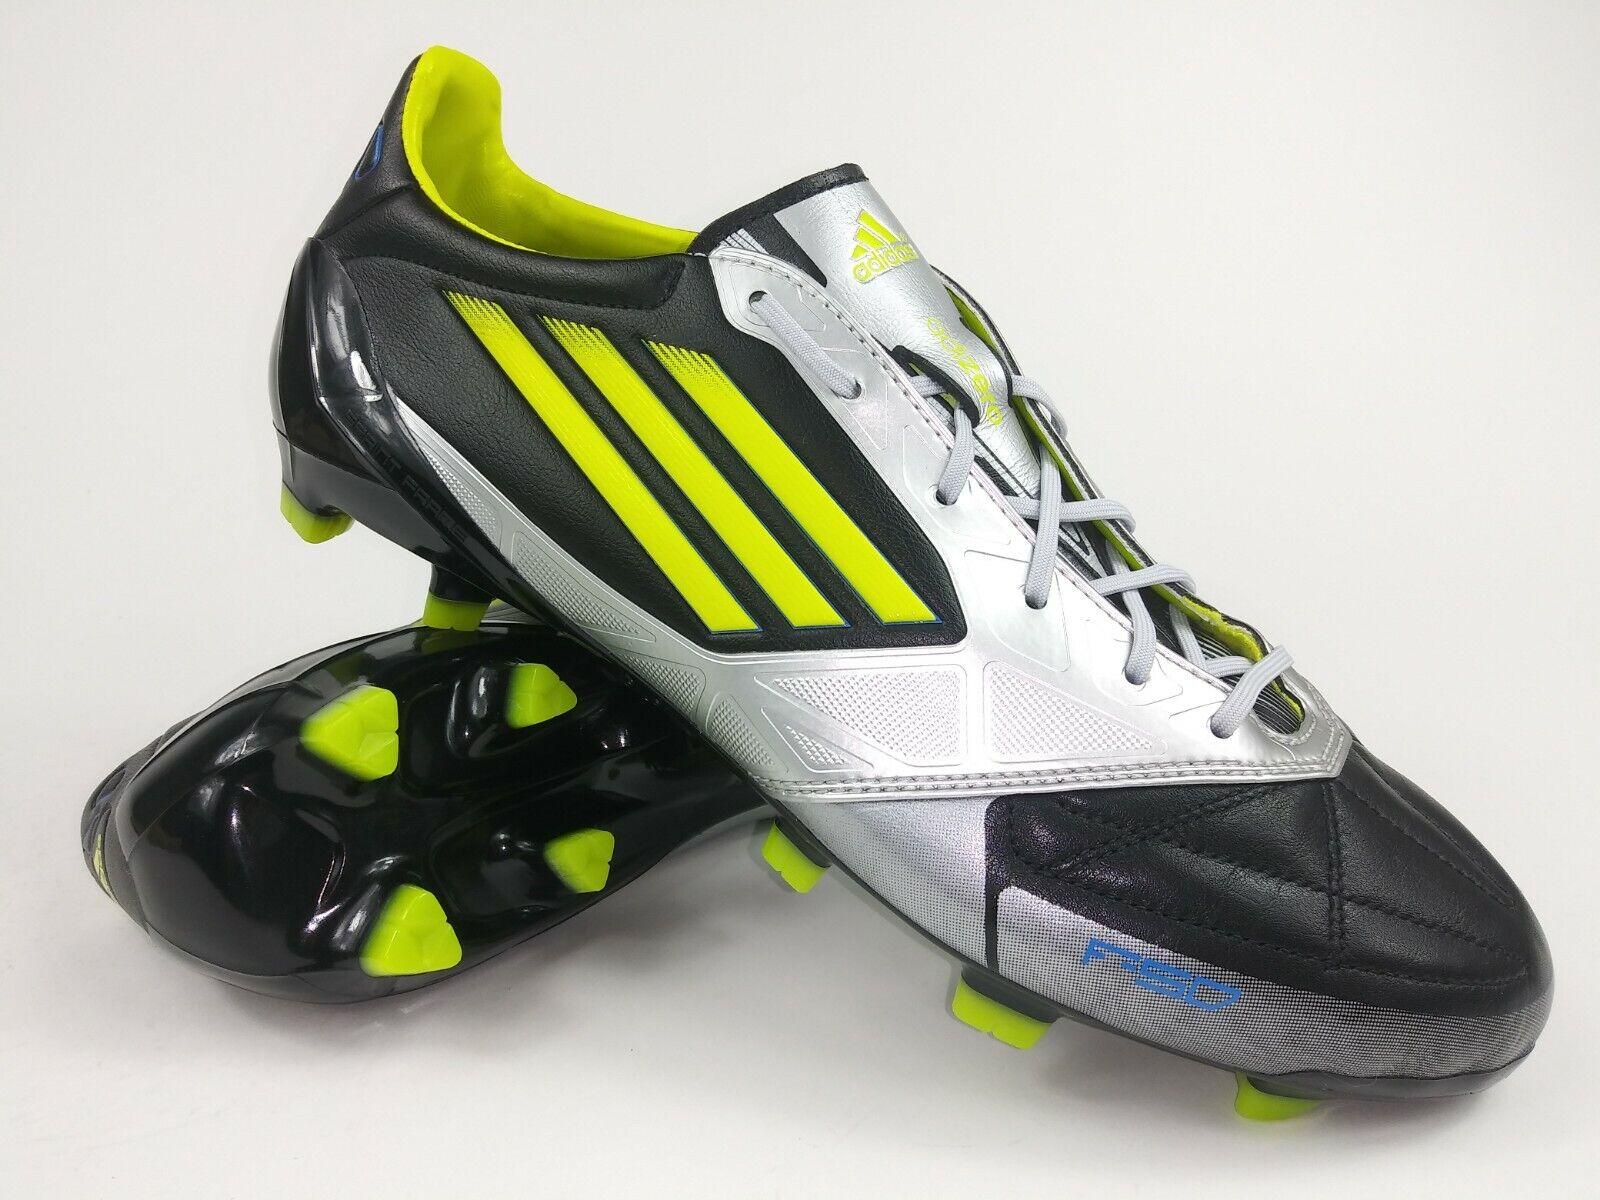 Adidas Hombre Raro F50 Adidas TRX Fg Cuero V21434 Negro Plata Tacos botas